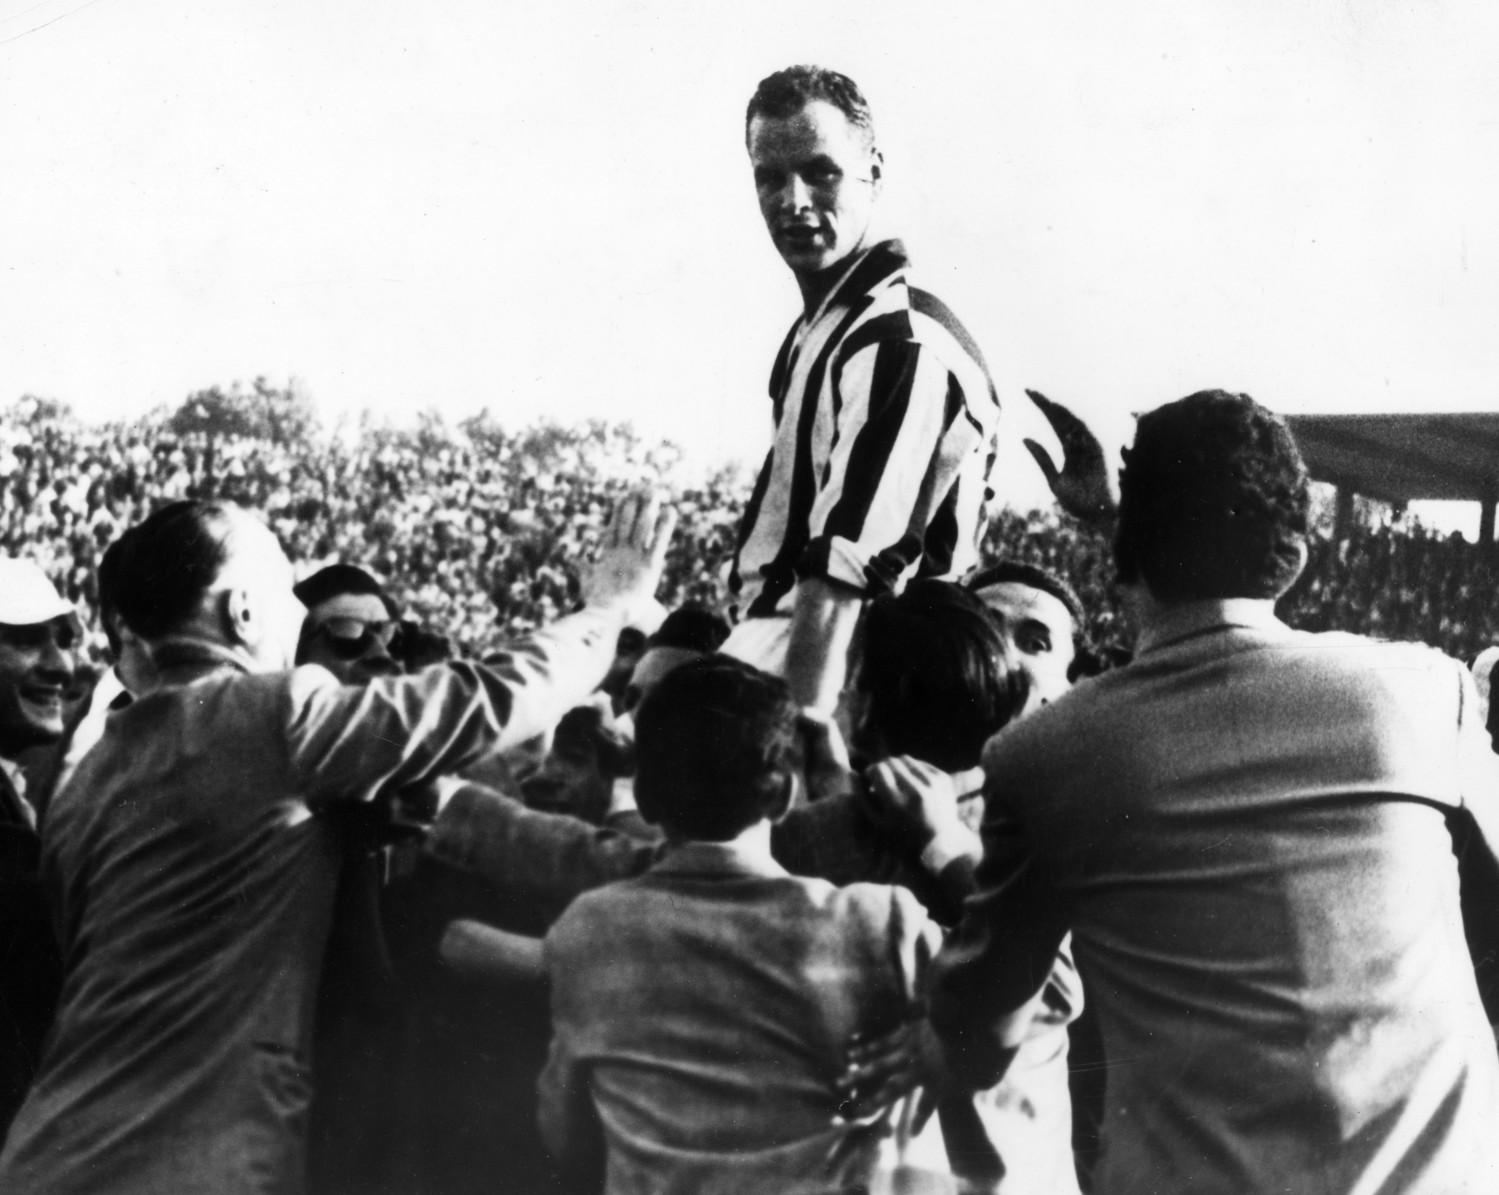 John Charles portato in trionfo nel 1958, l'anno della prima stella